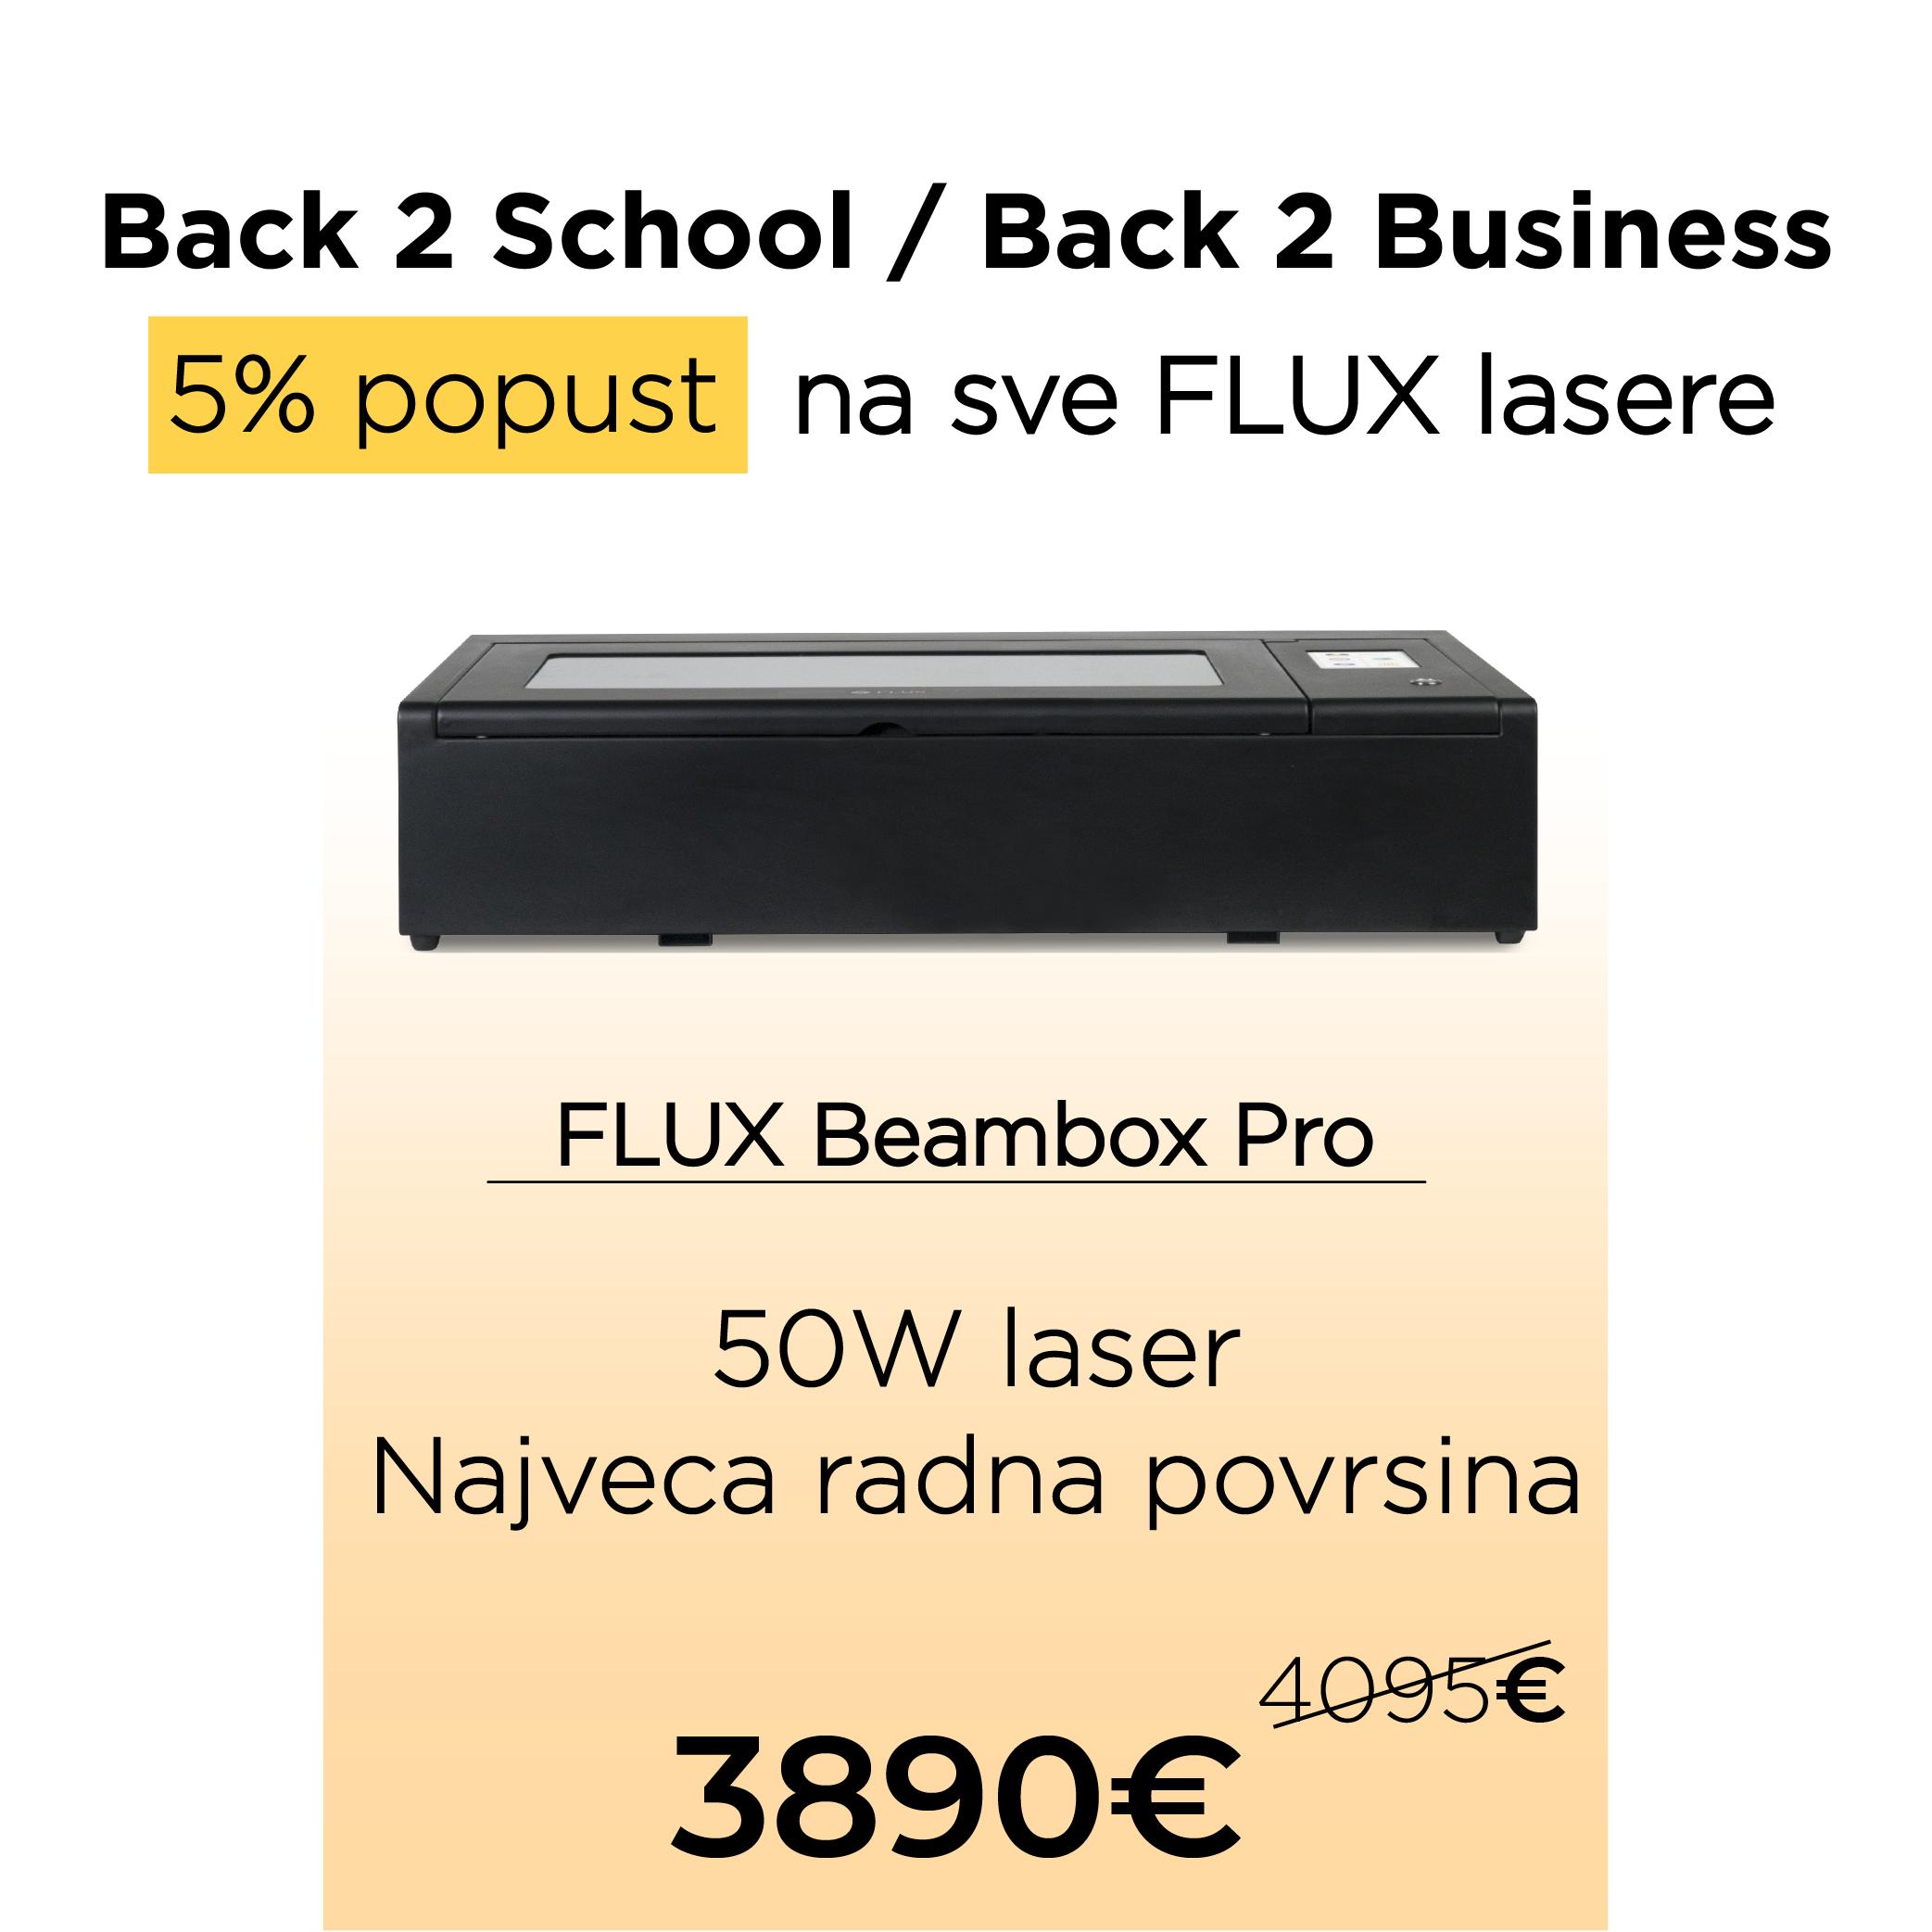 Beambox Pro